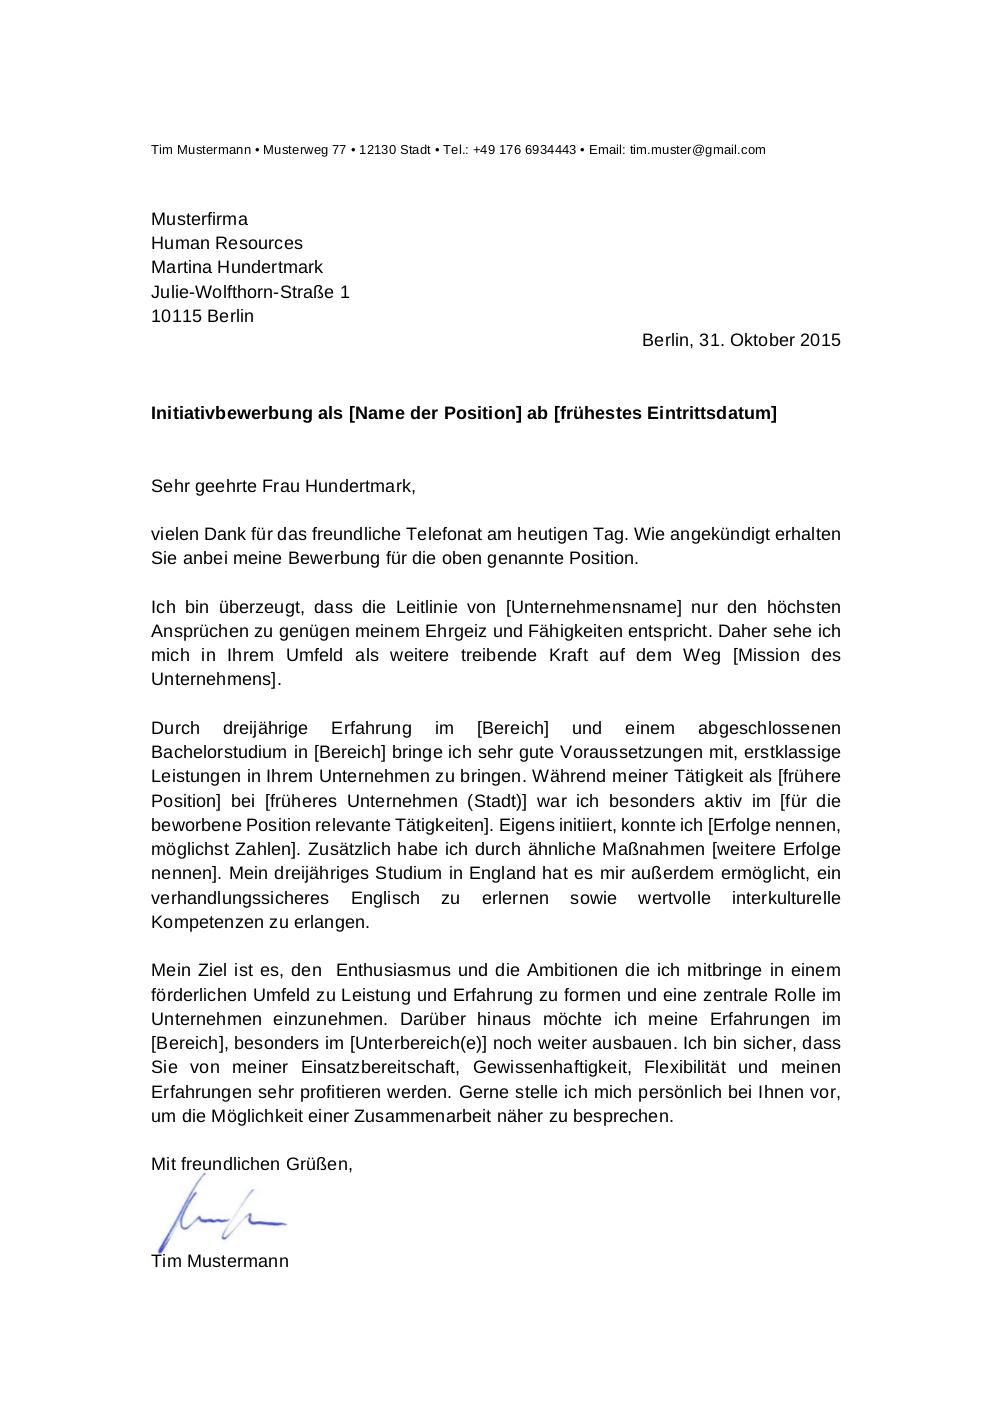 Initiativbewerbung: Muster für LKW Fahrer | lebenslaufdesigns.de